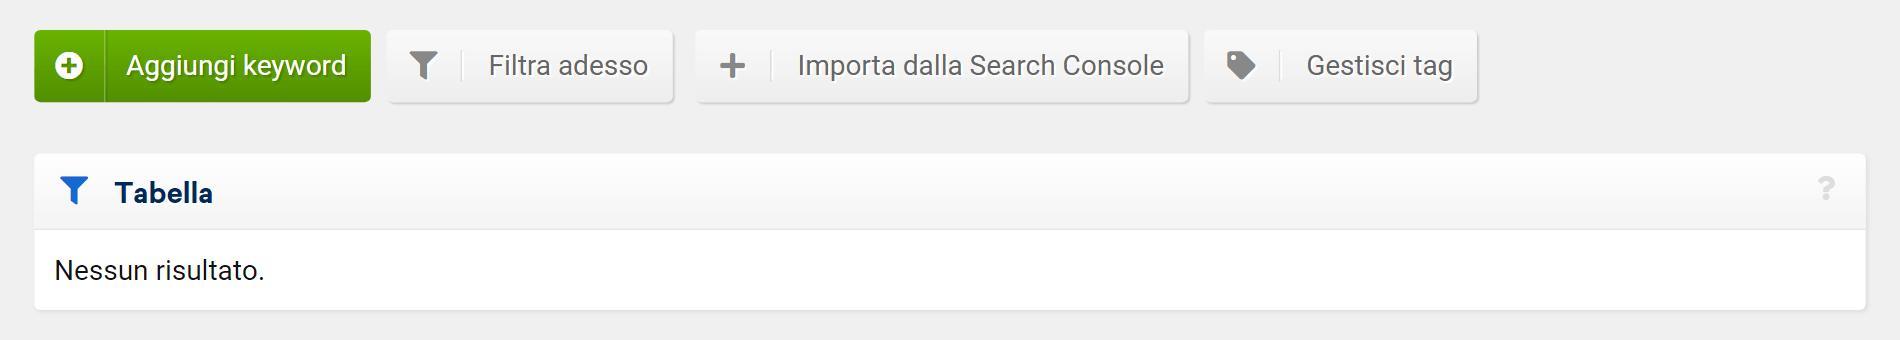 Come aggiungere un proprio campione di keyword in un progetto Optimizer